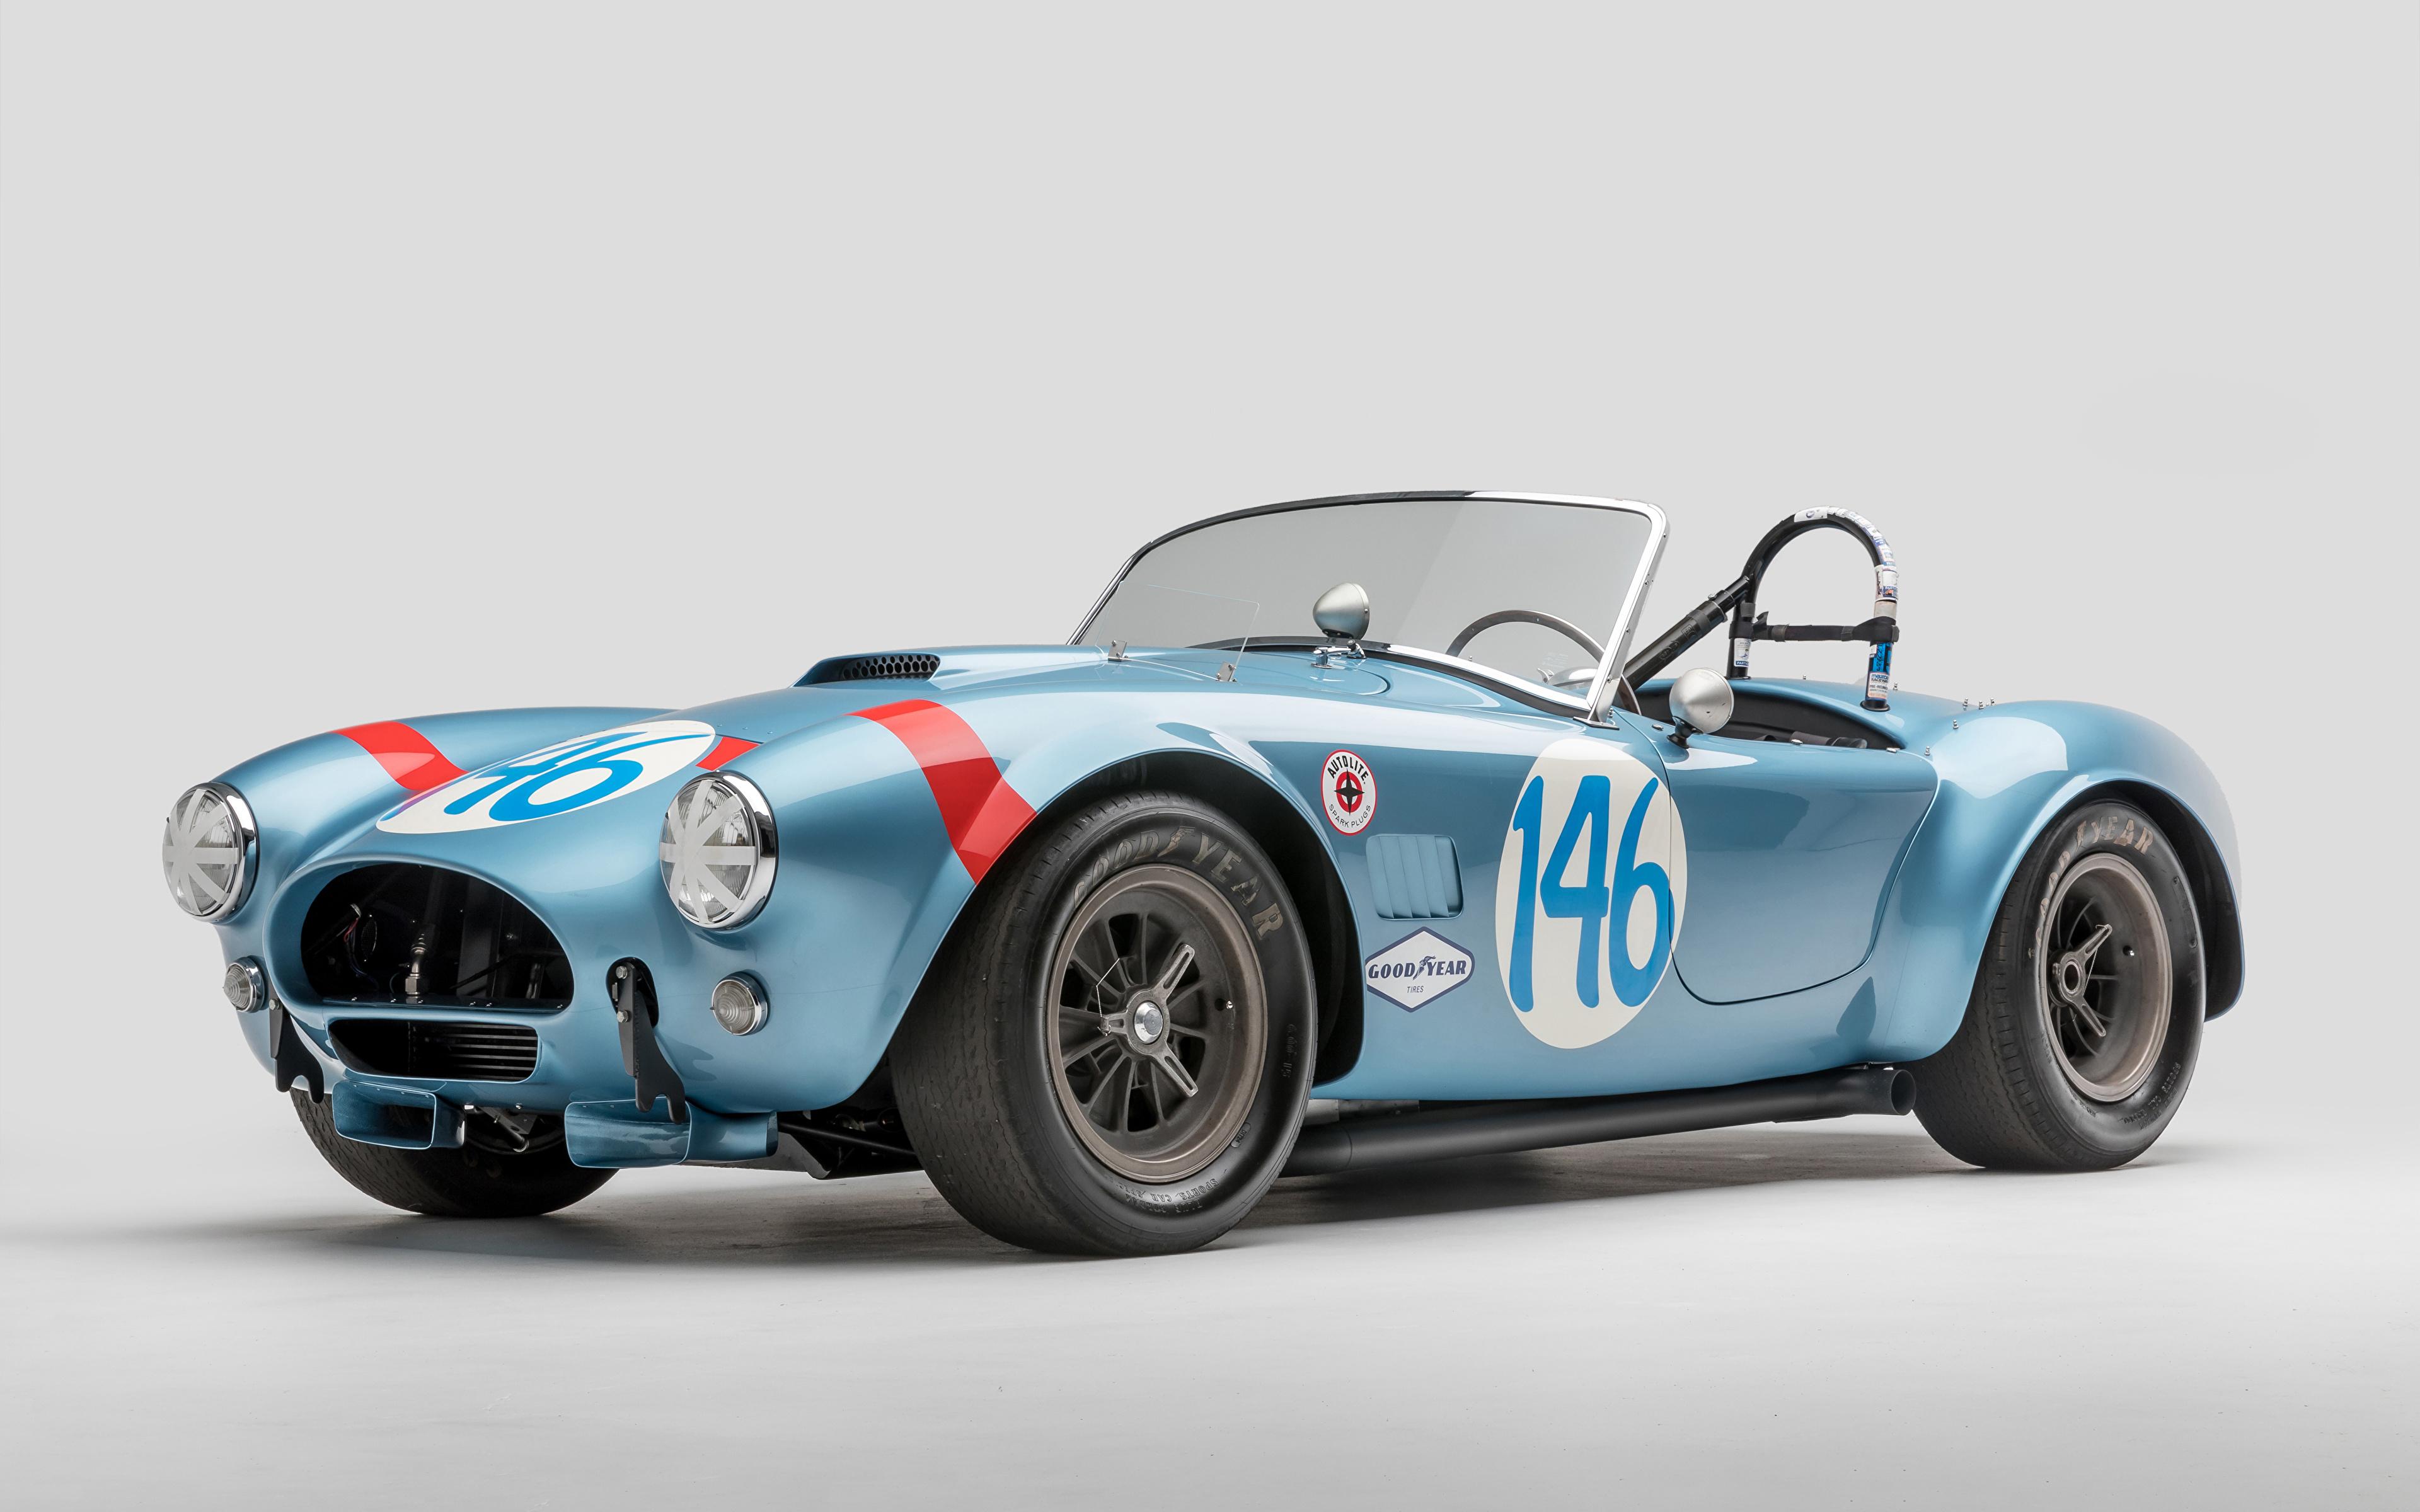 Обои SSC 1964 Shelby Cobra 289 FIA Competition Родстер Кабриолет Ретро Голубой Авто Серый фон 3840x2400 Shelby Super Cars Винтаж старинные Машины Автомобили